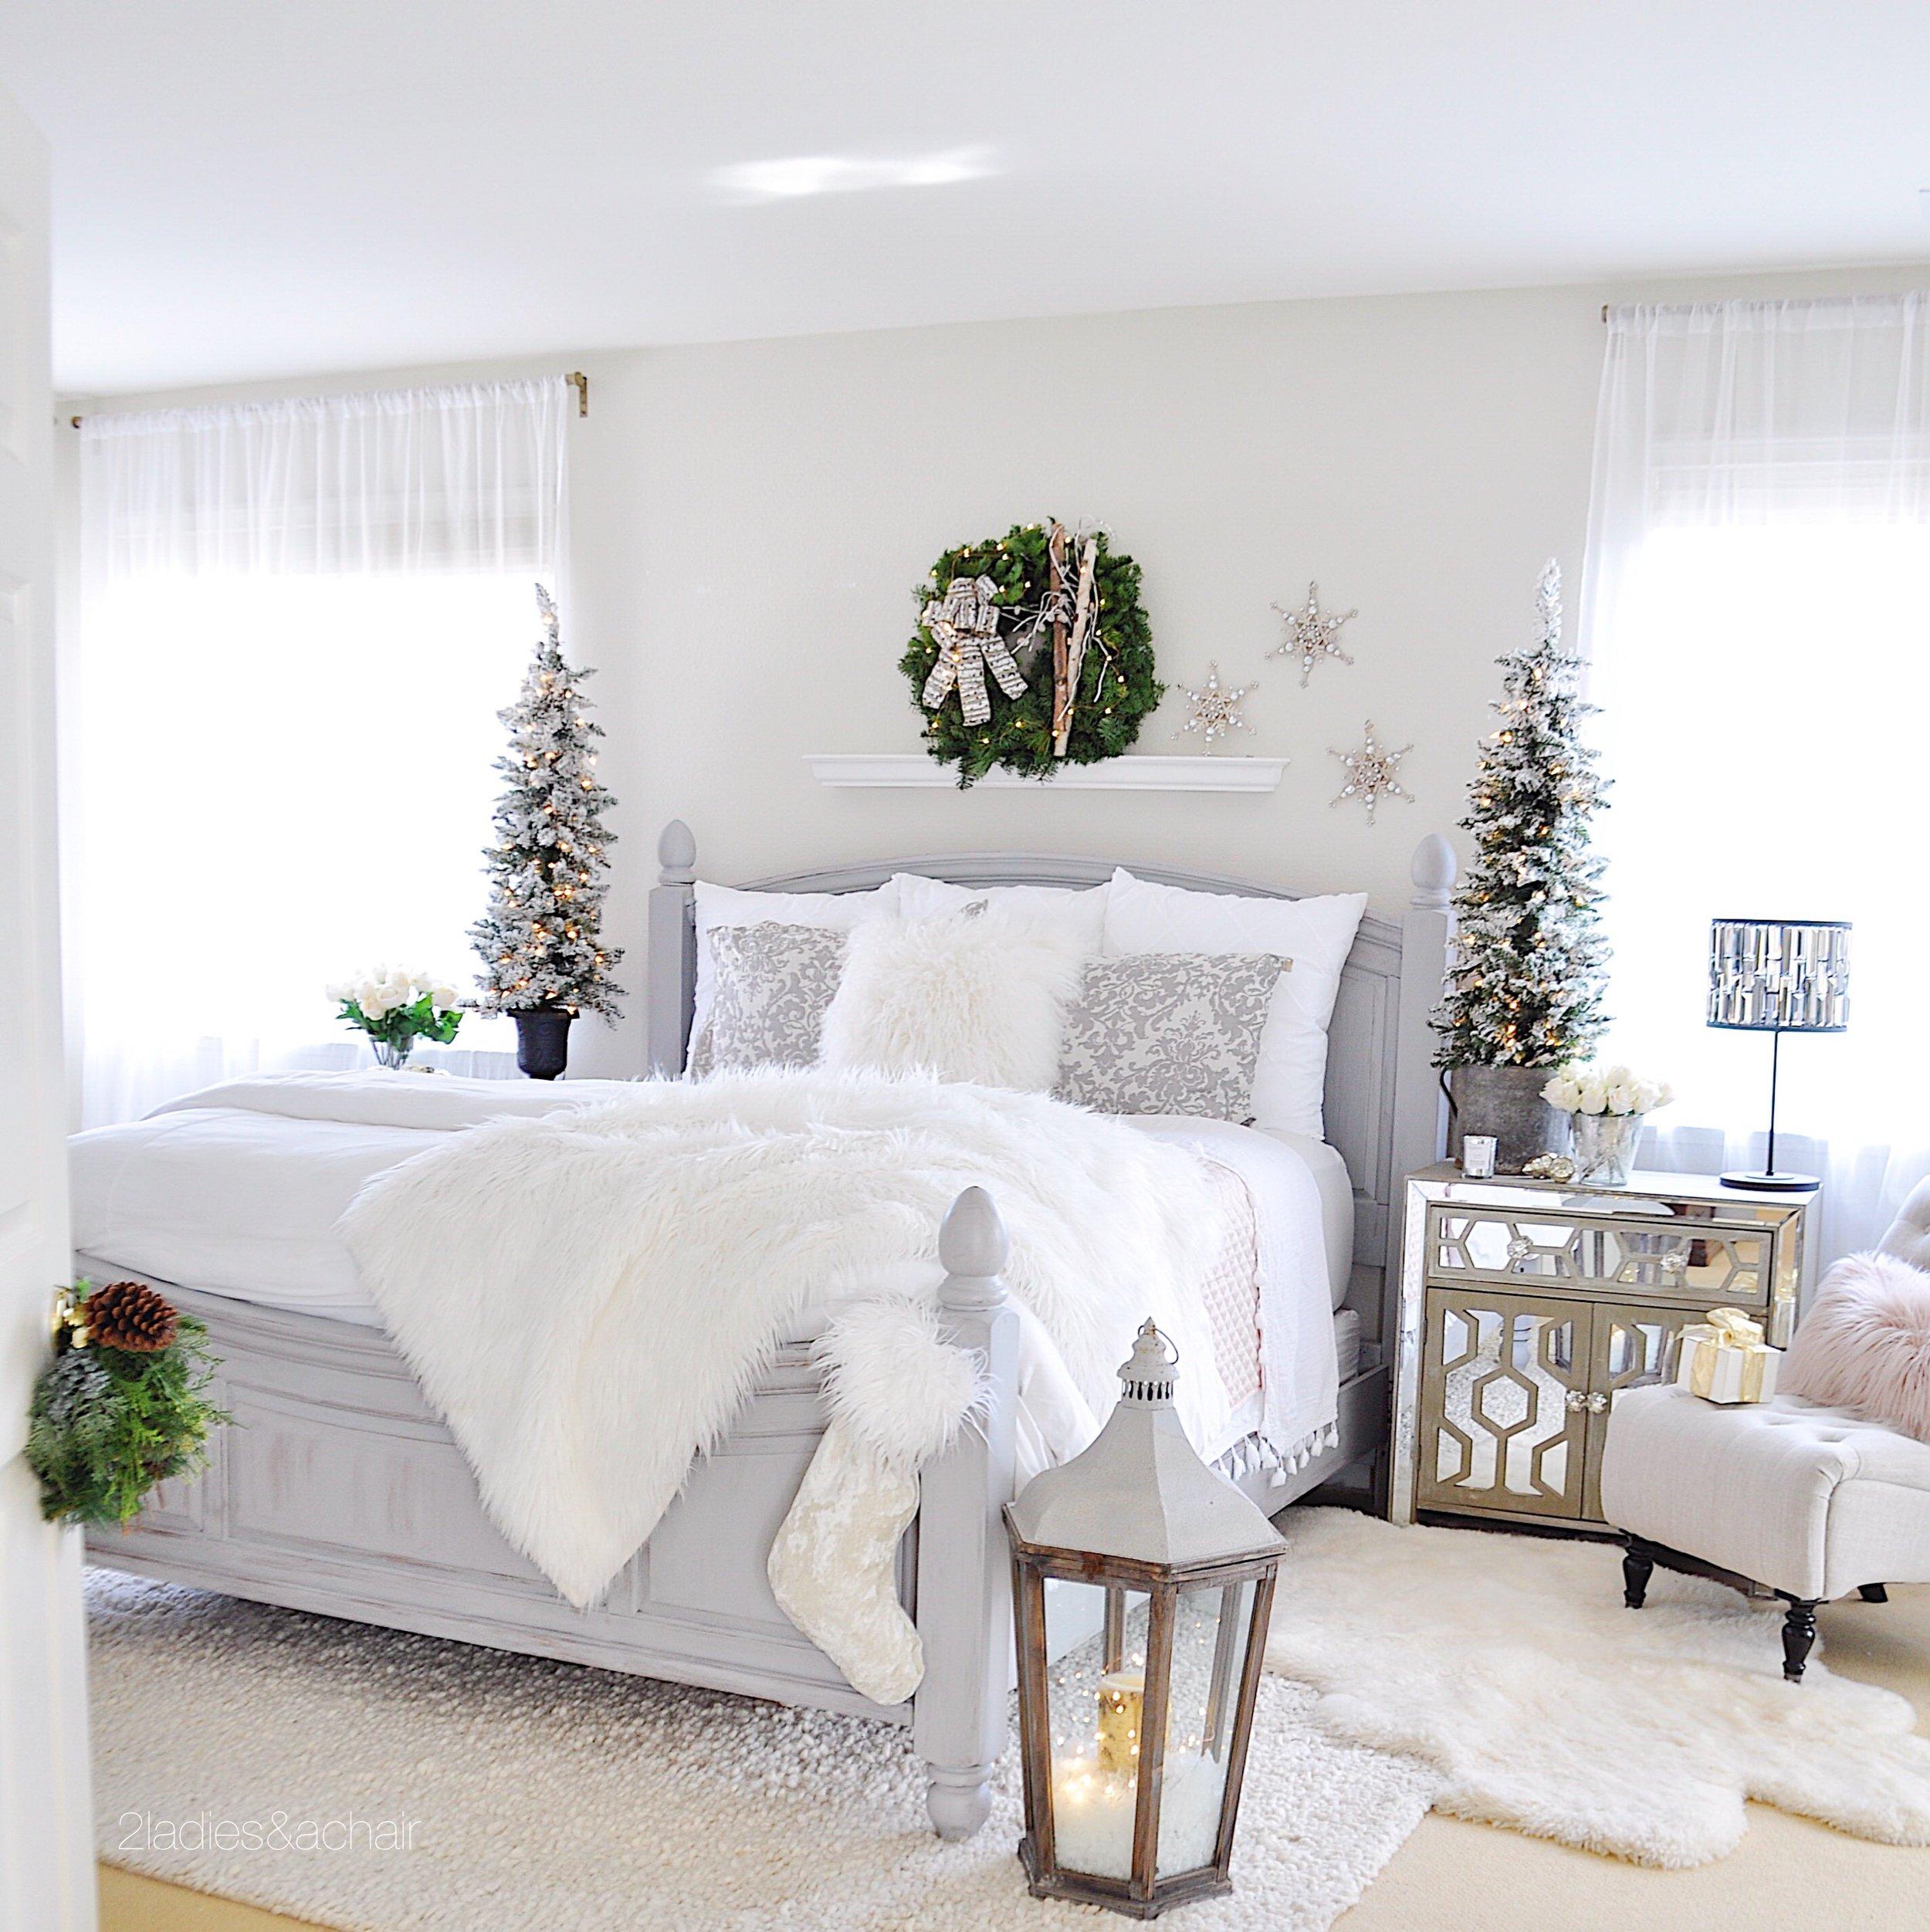 christmas bedroom decor IMG_9863.JPG